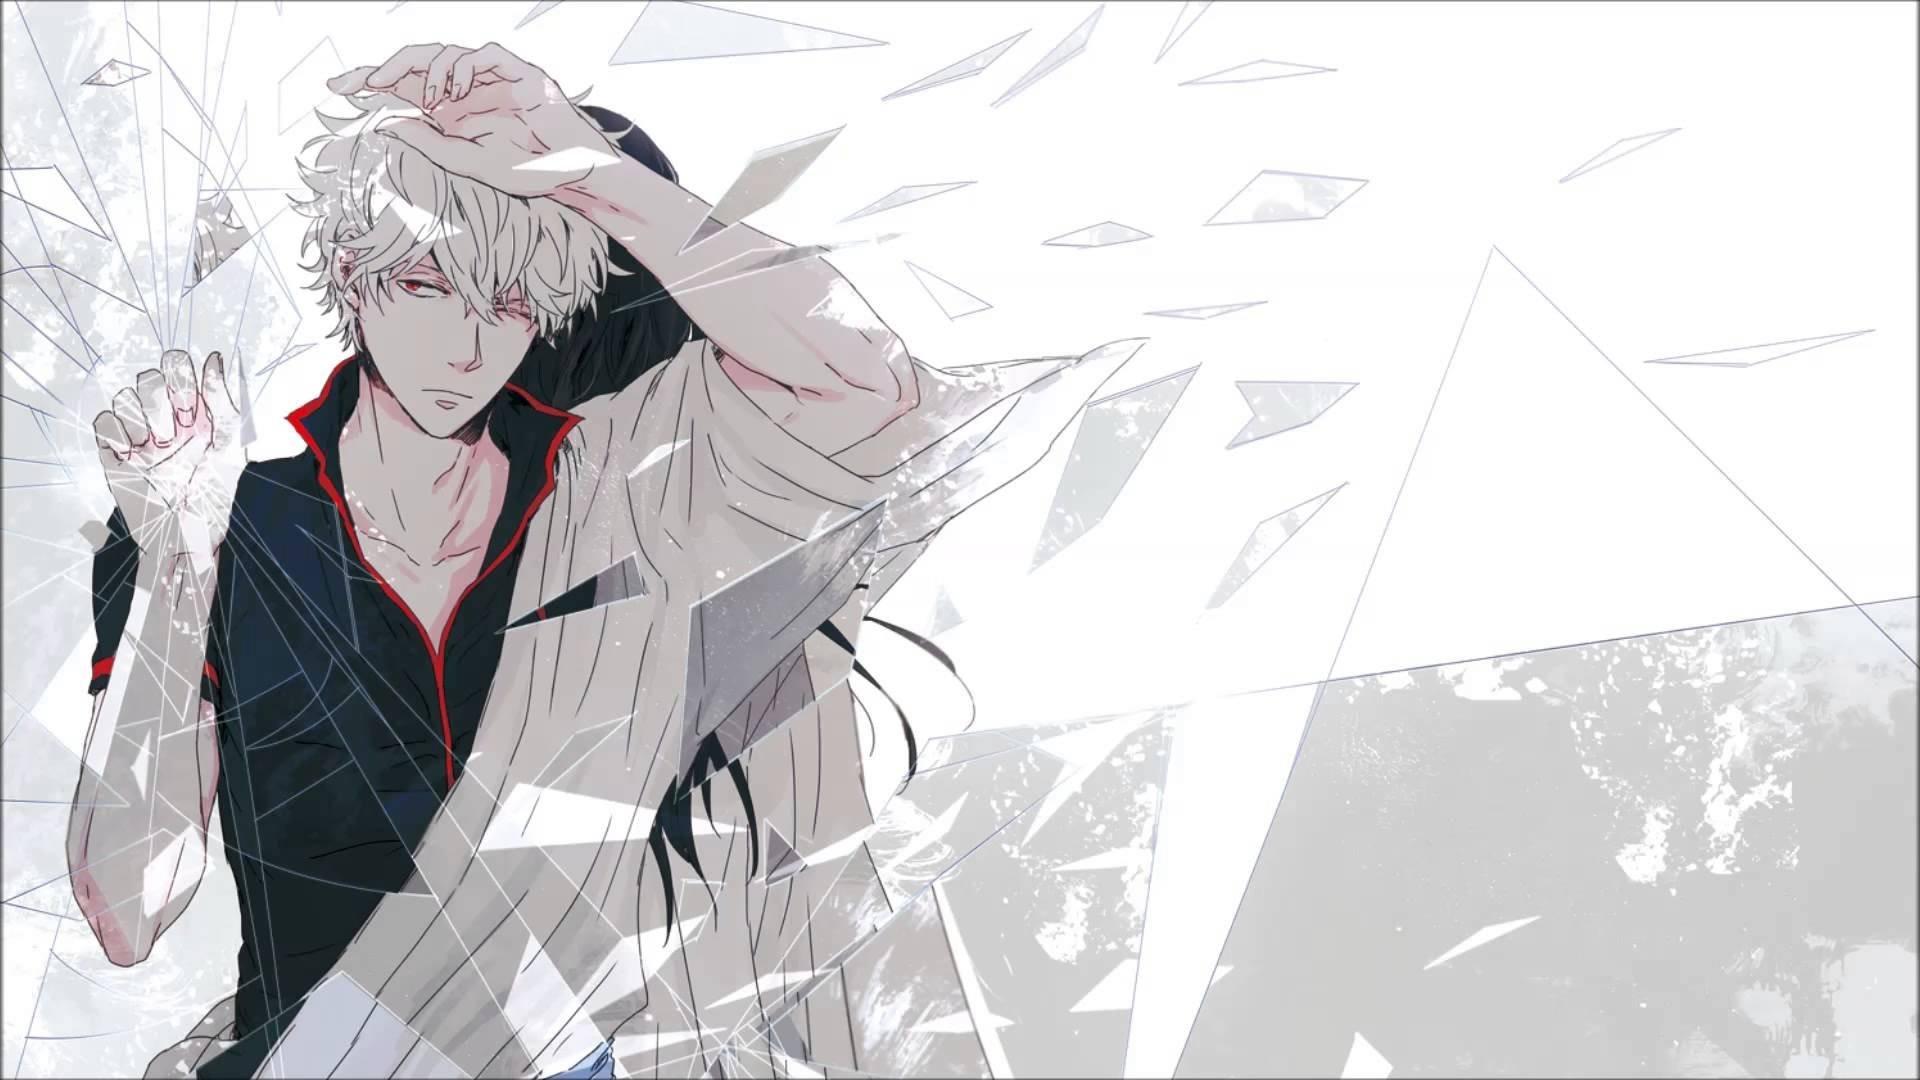 Gintama wallpaper ·① Download free awesome full HD ...Gintama Gintoki Past Wallpaper